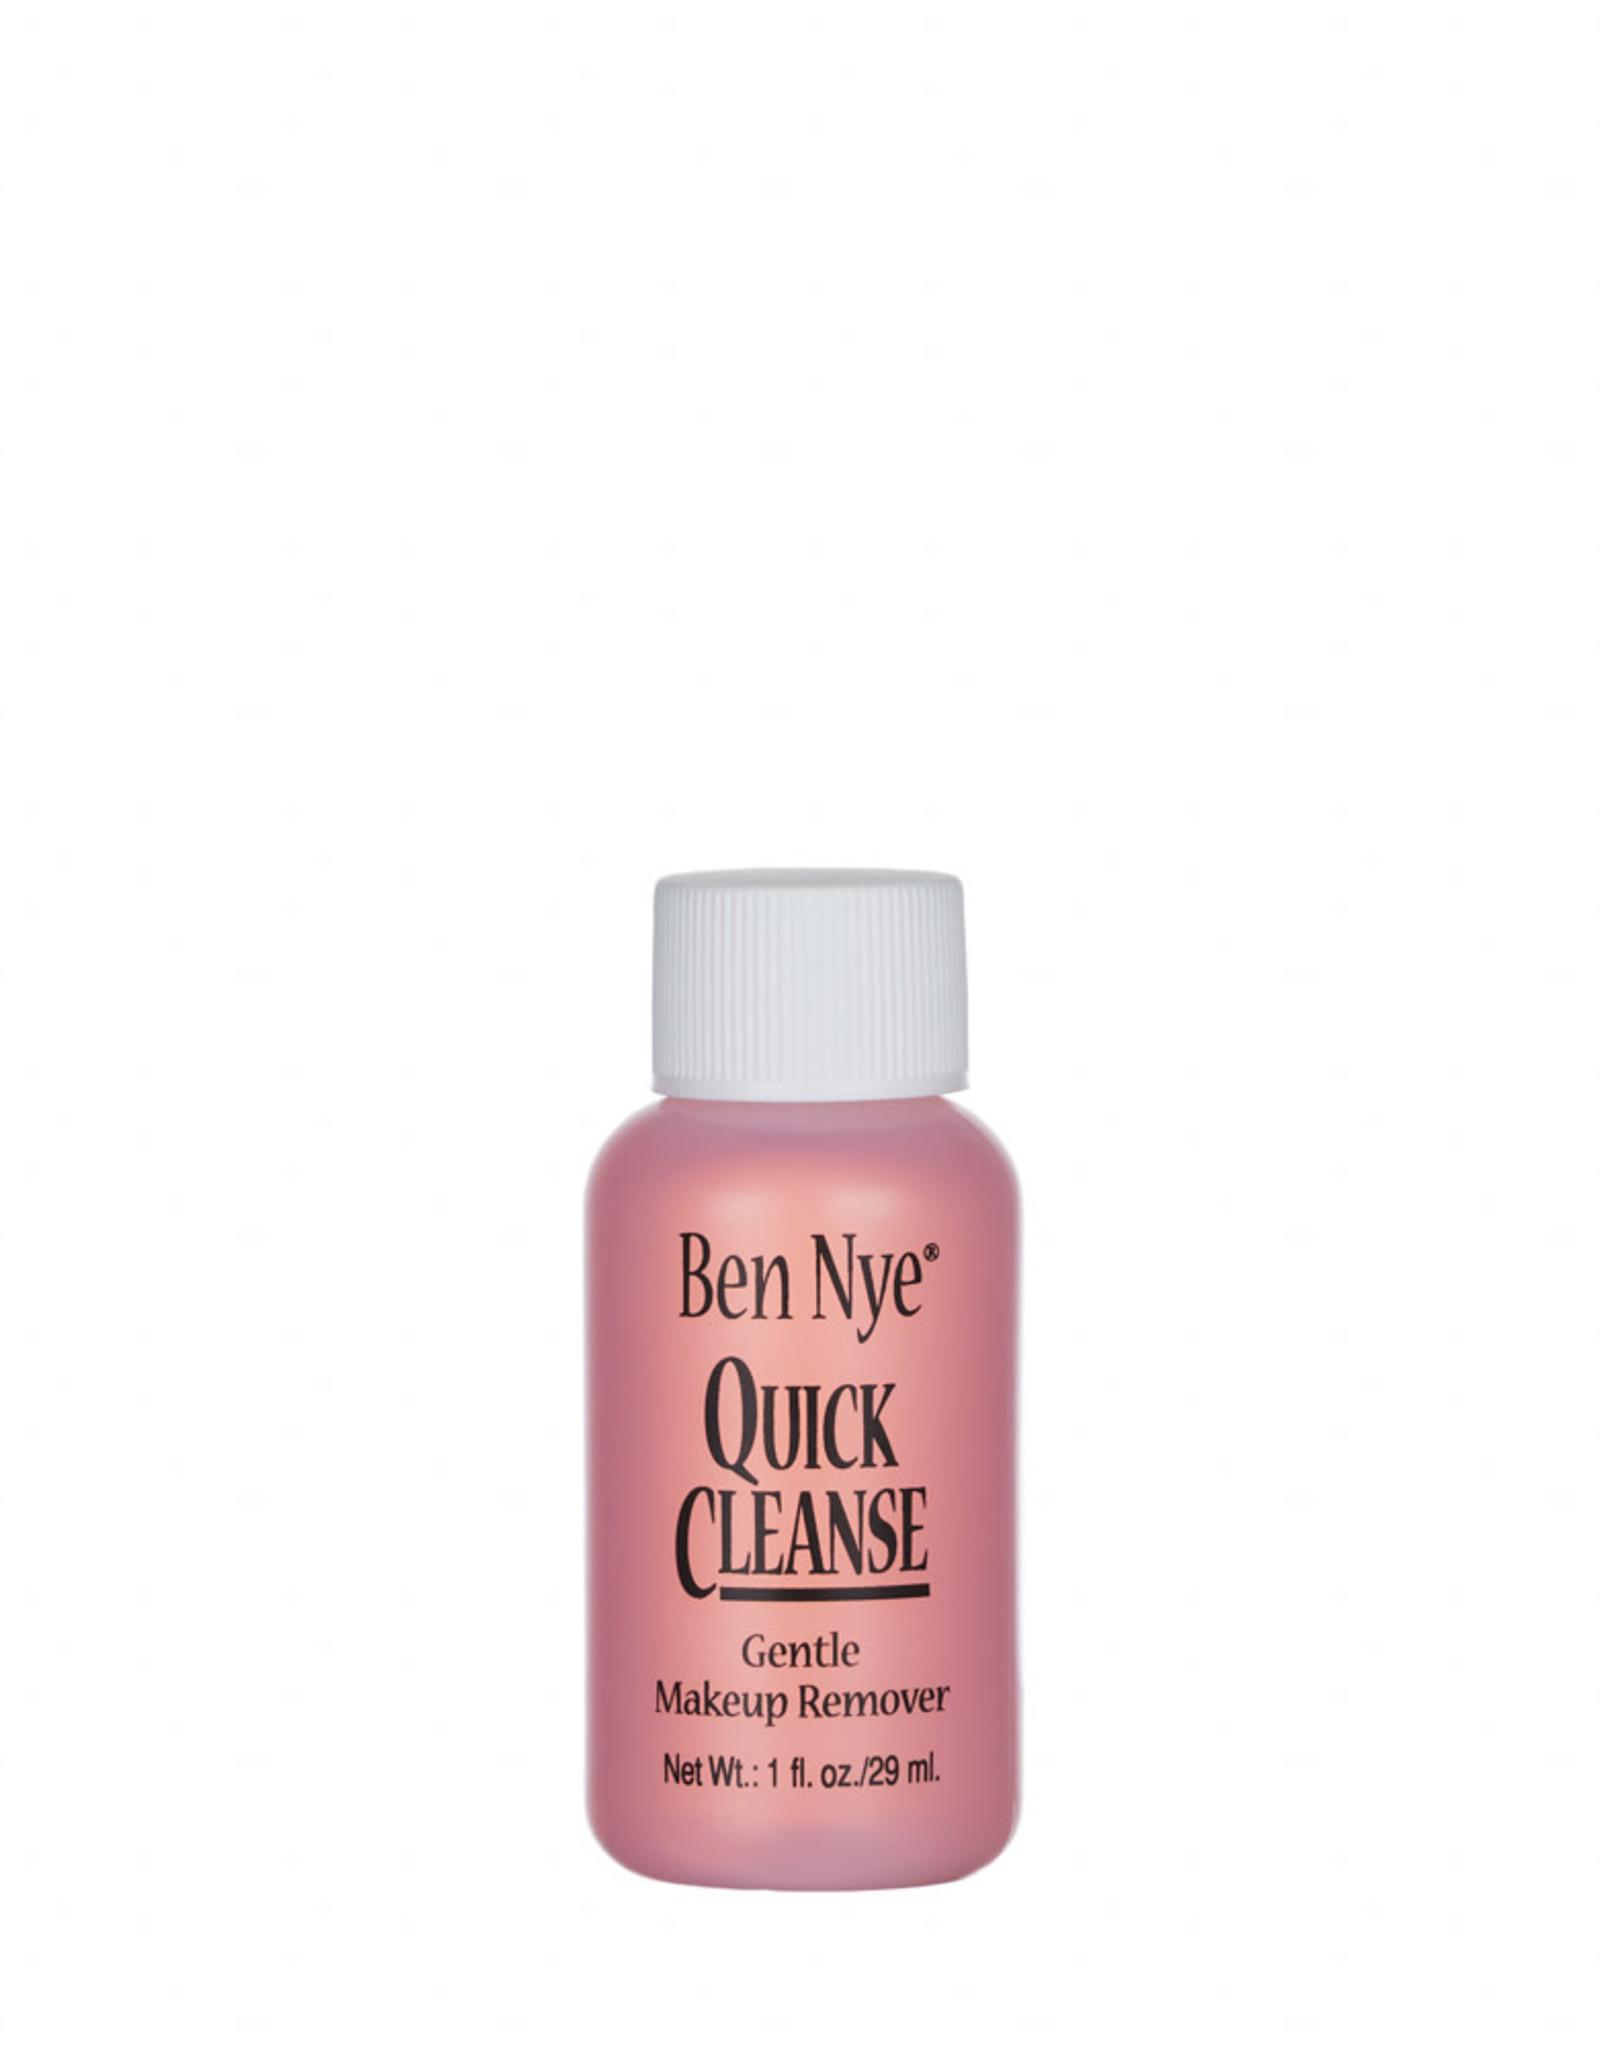 Ben Nye QUICK CLEANSE, 1 FL OZ